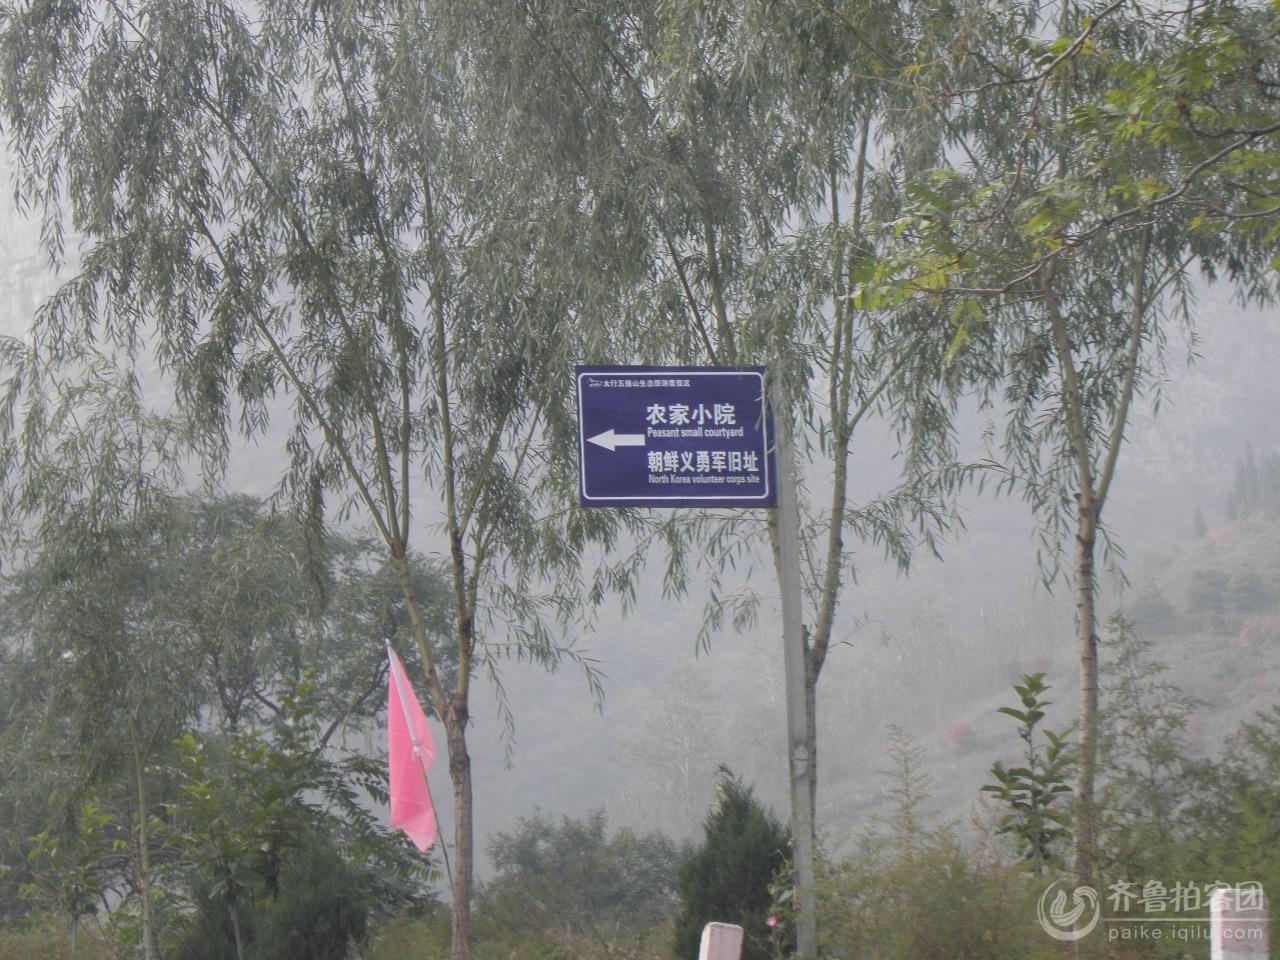 五指山风景区(河北邯郸)---15